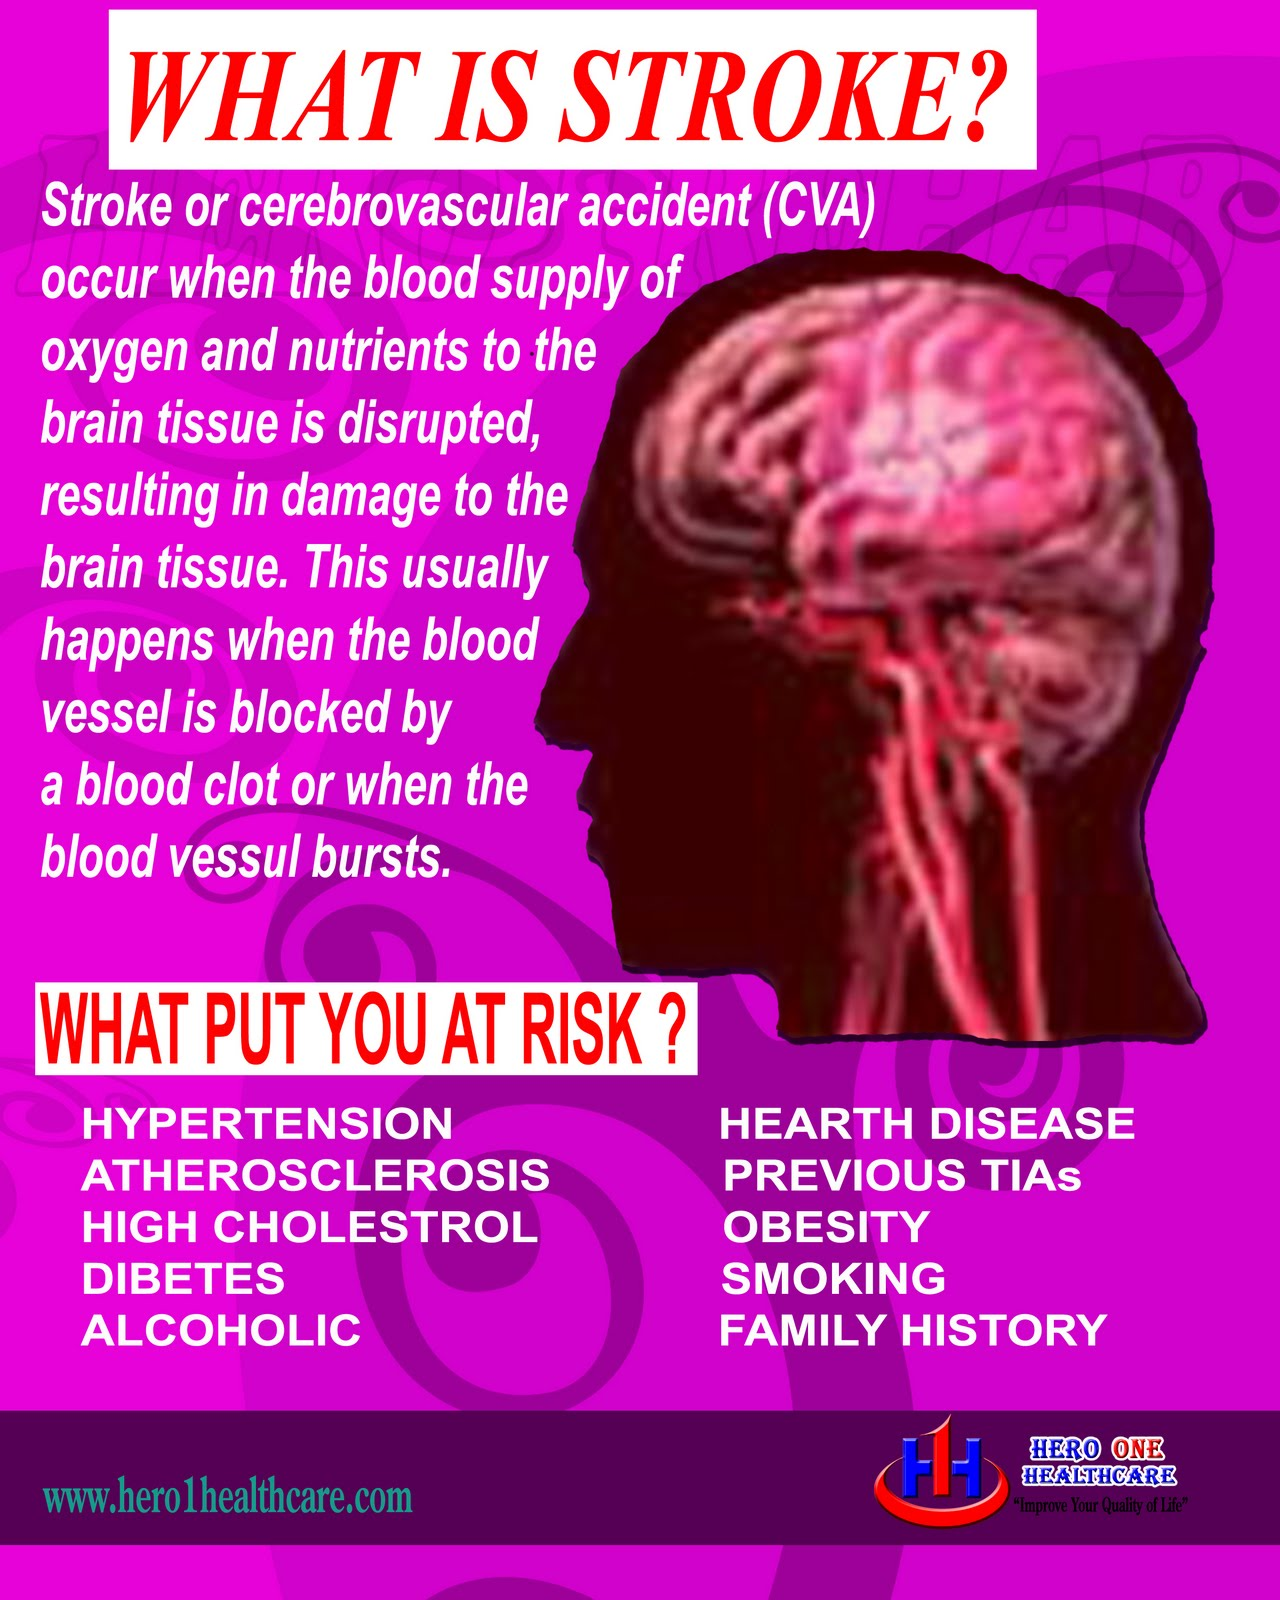 hero one healthcare medical info stroke cerebral vascular